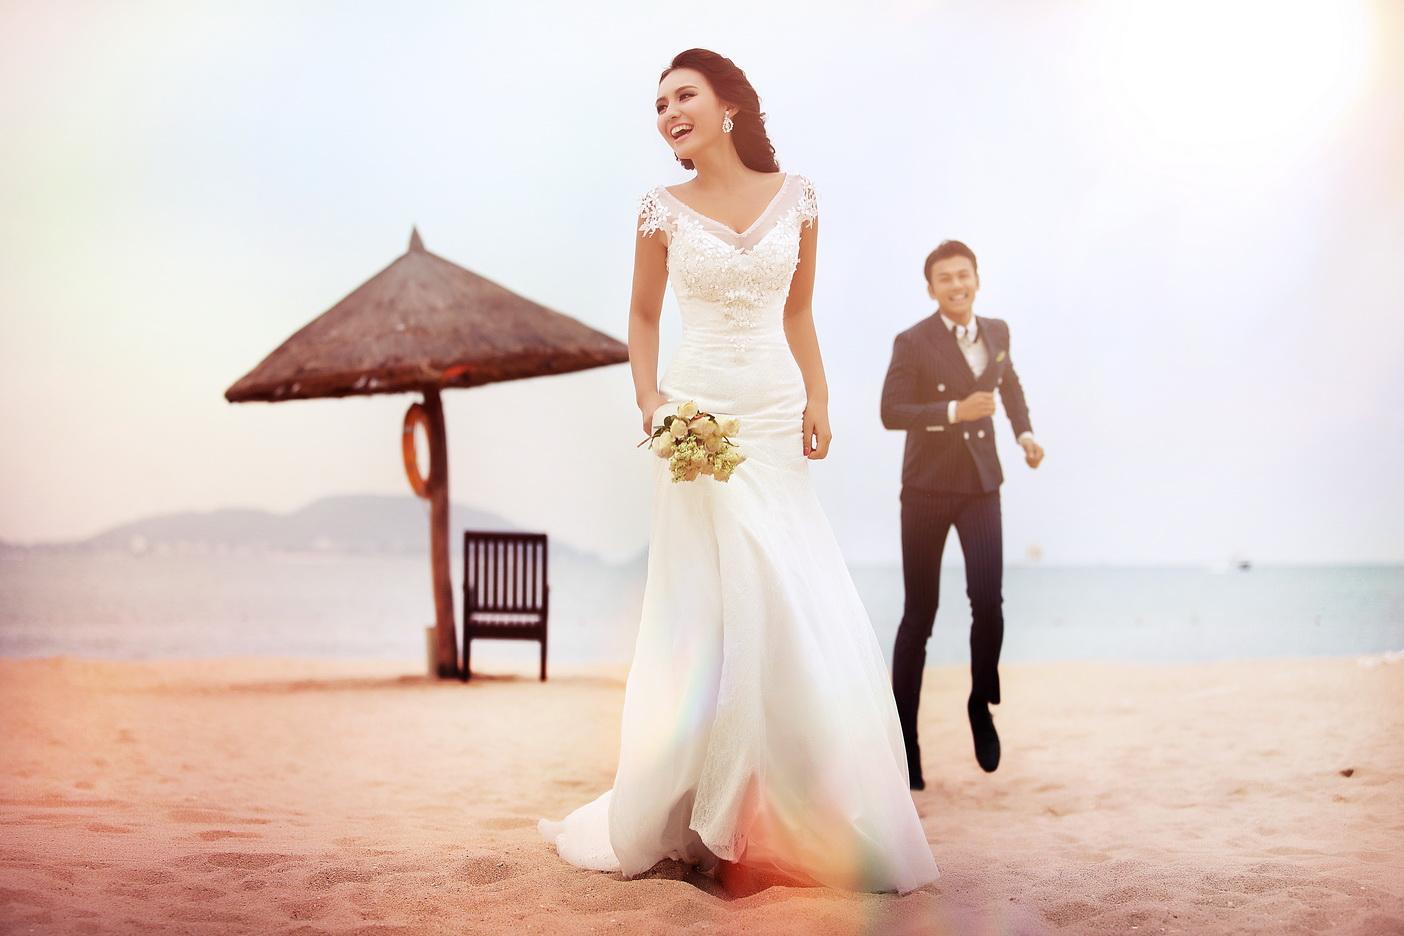 西安米兰婚纱摄影#_婚纱摄影作品